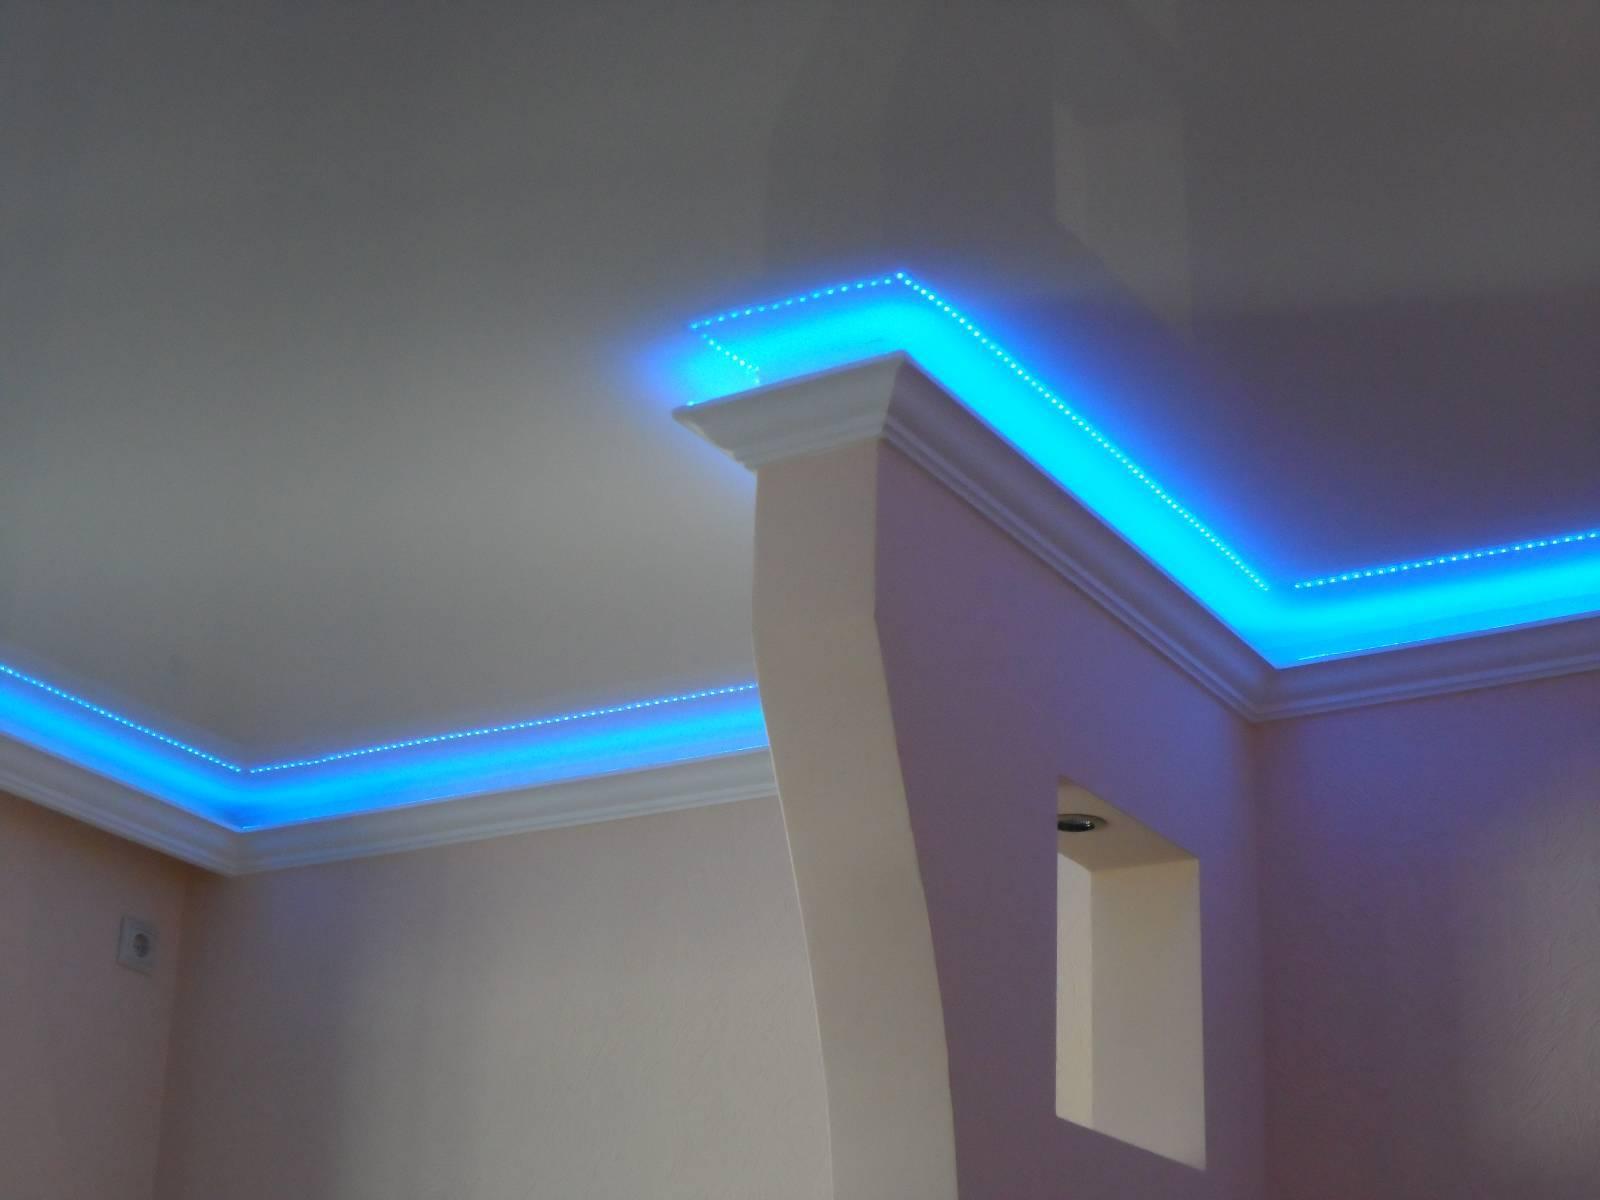 Подсветка потолка светодиодной лентой, установка светодиодной ленты под натяжной потолок